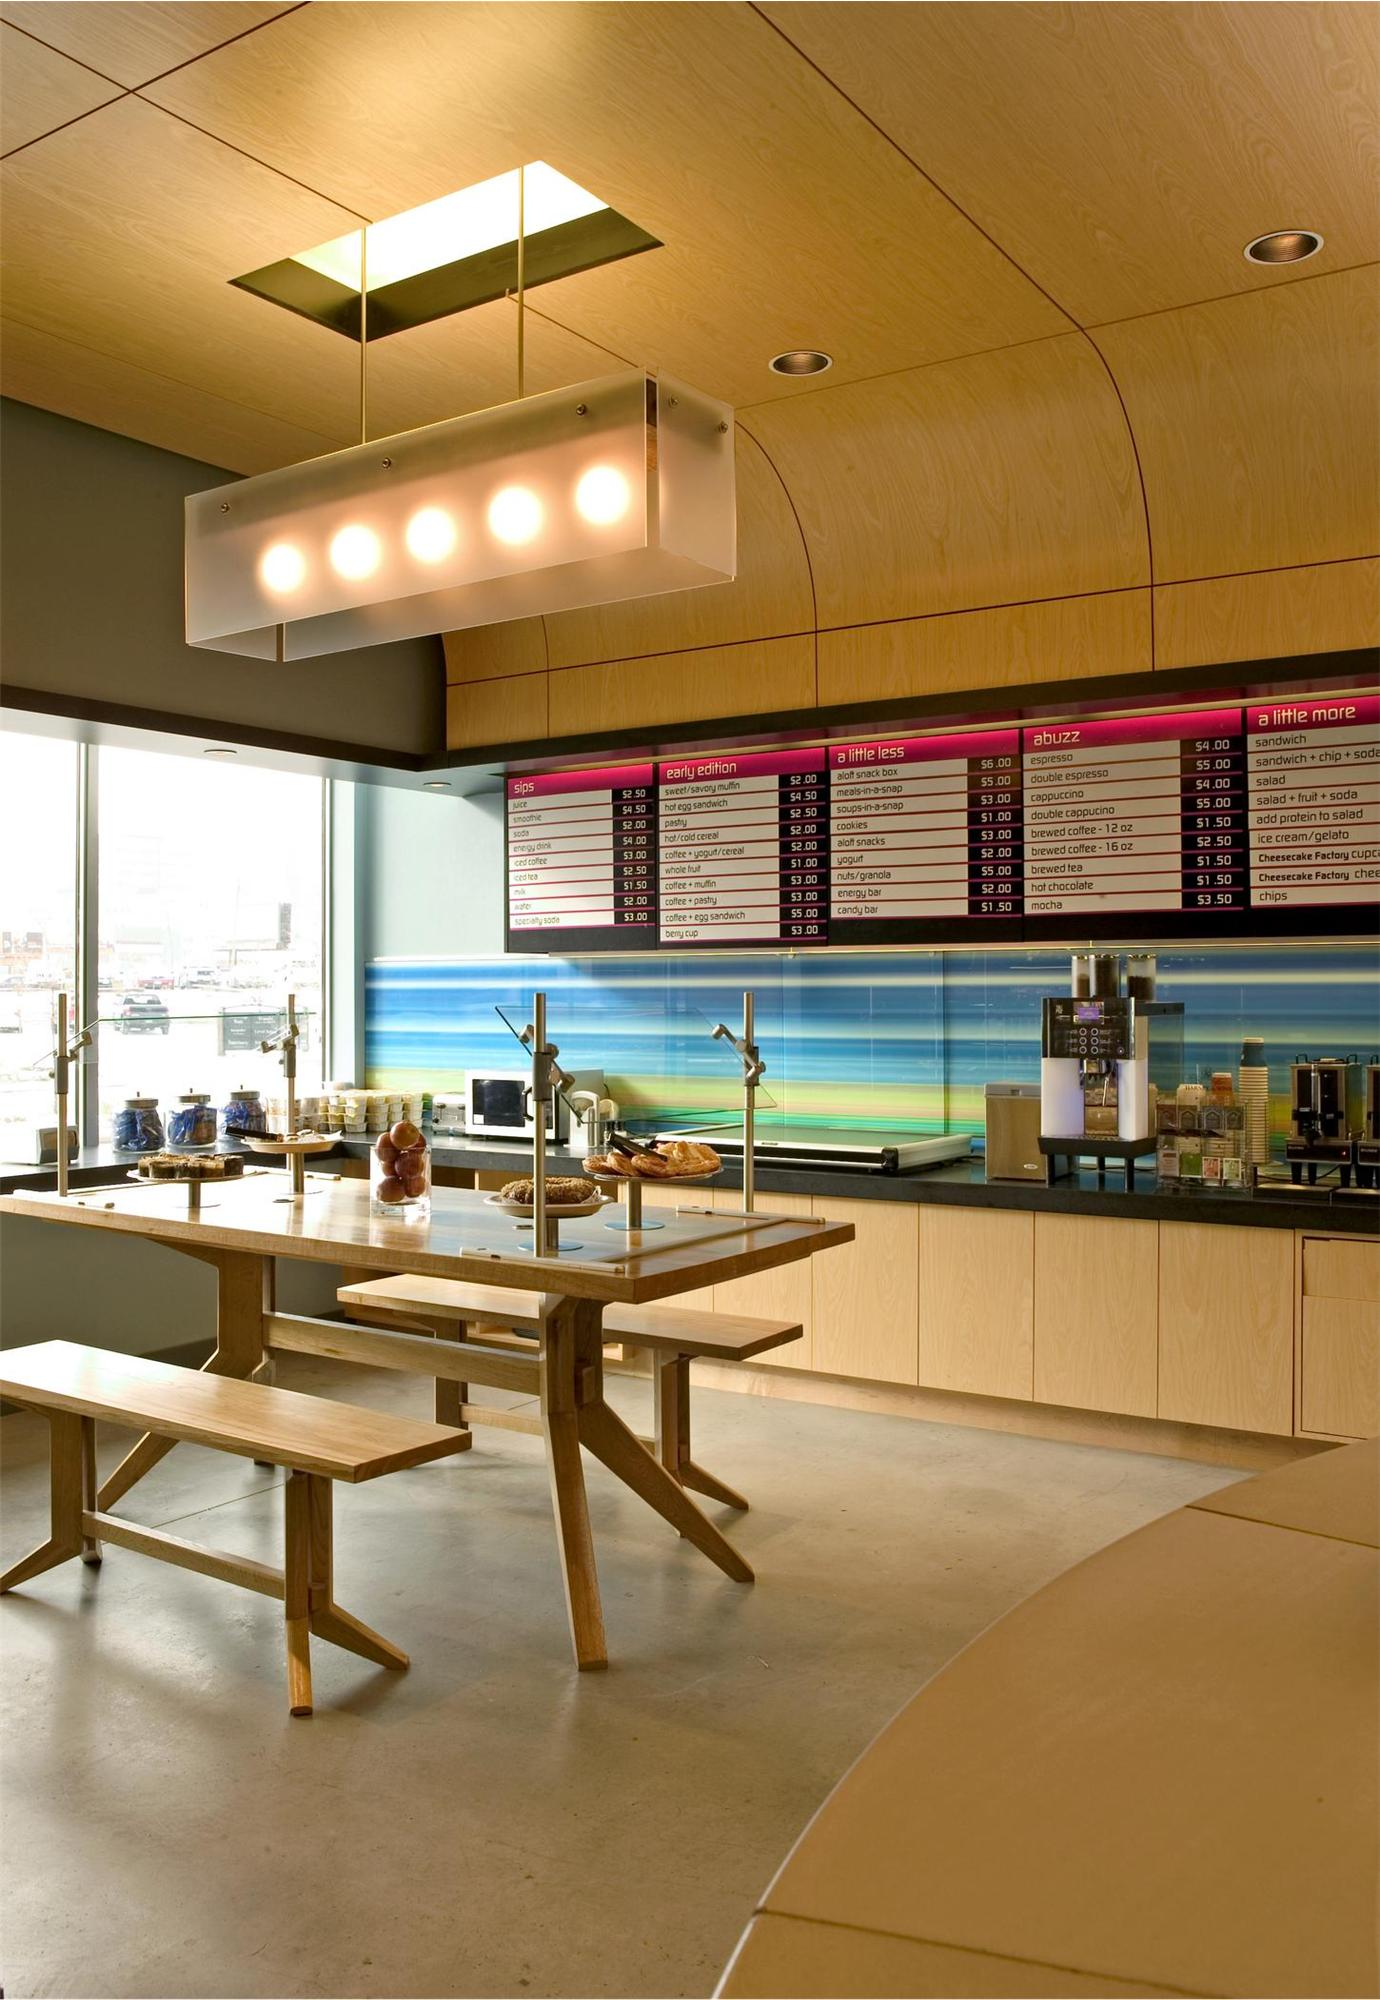 Breakfast area in the Aloft Hotel in Minneapolis, MN